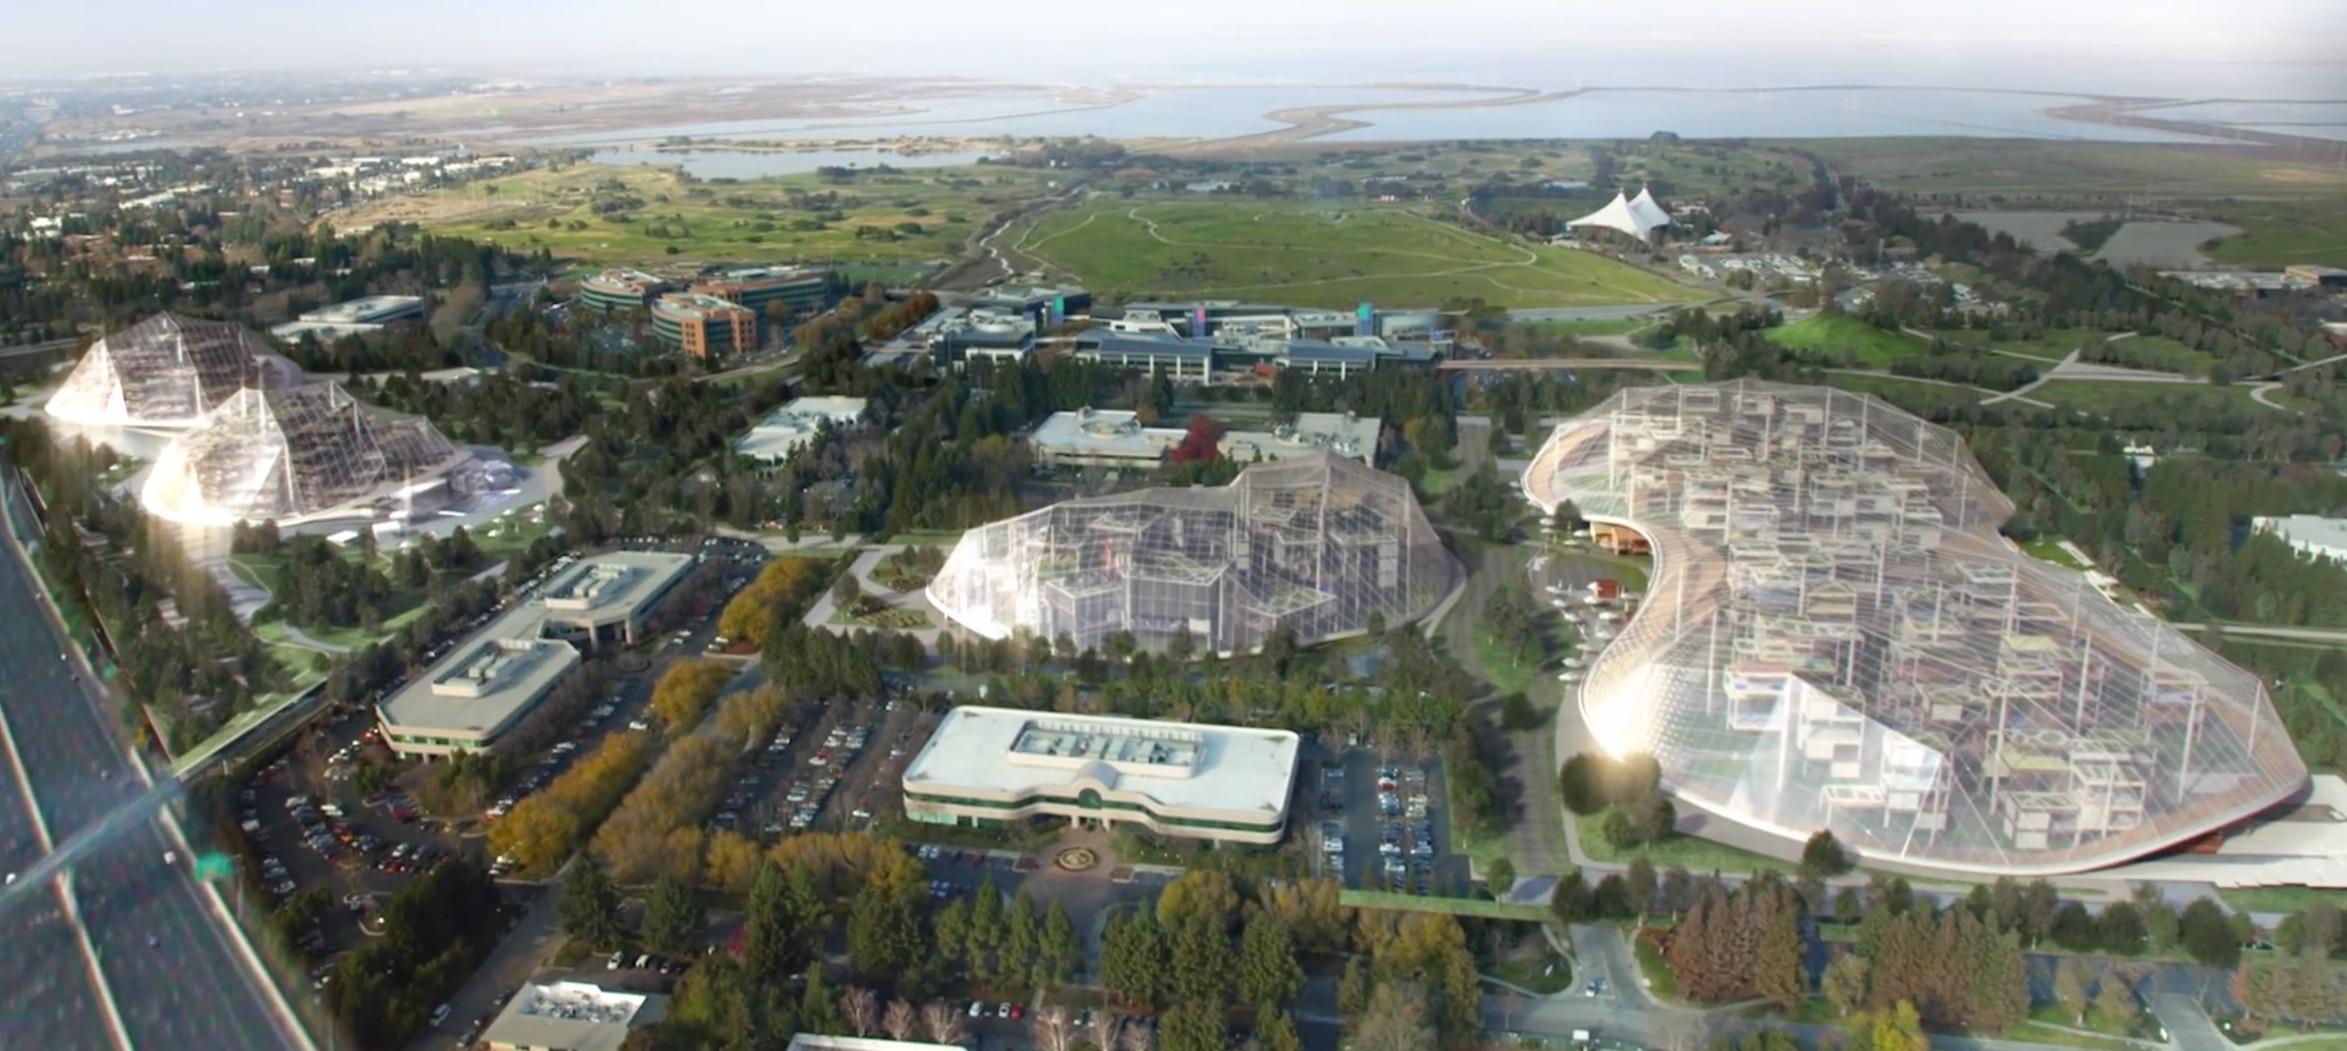 Gigantesques auvents, structures modulaires, pistes cyclables et jardins    Google dévoile les futurs réaménagements de son siège de Mountain View. Le  géant ... 174259902045